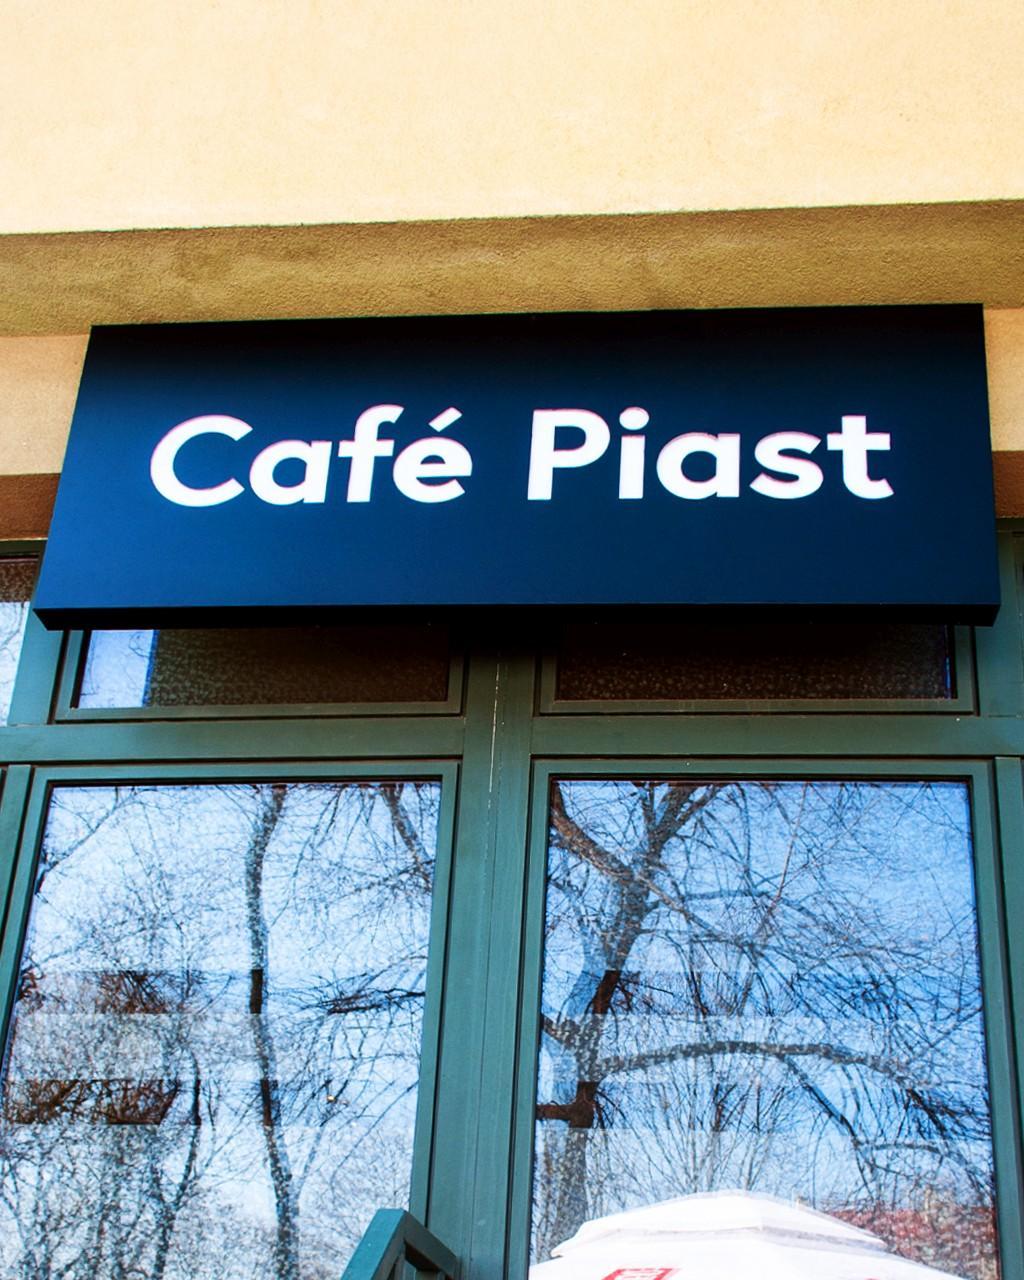 CAFE_PIAST_3